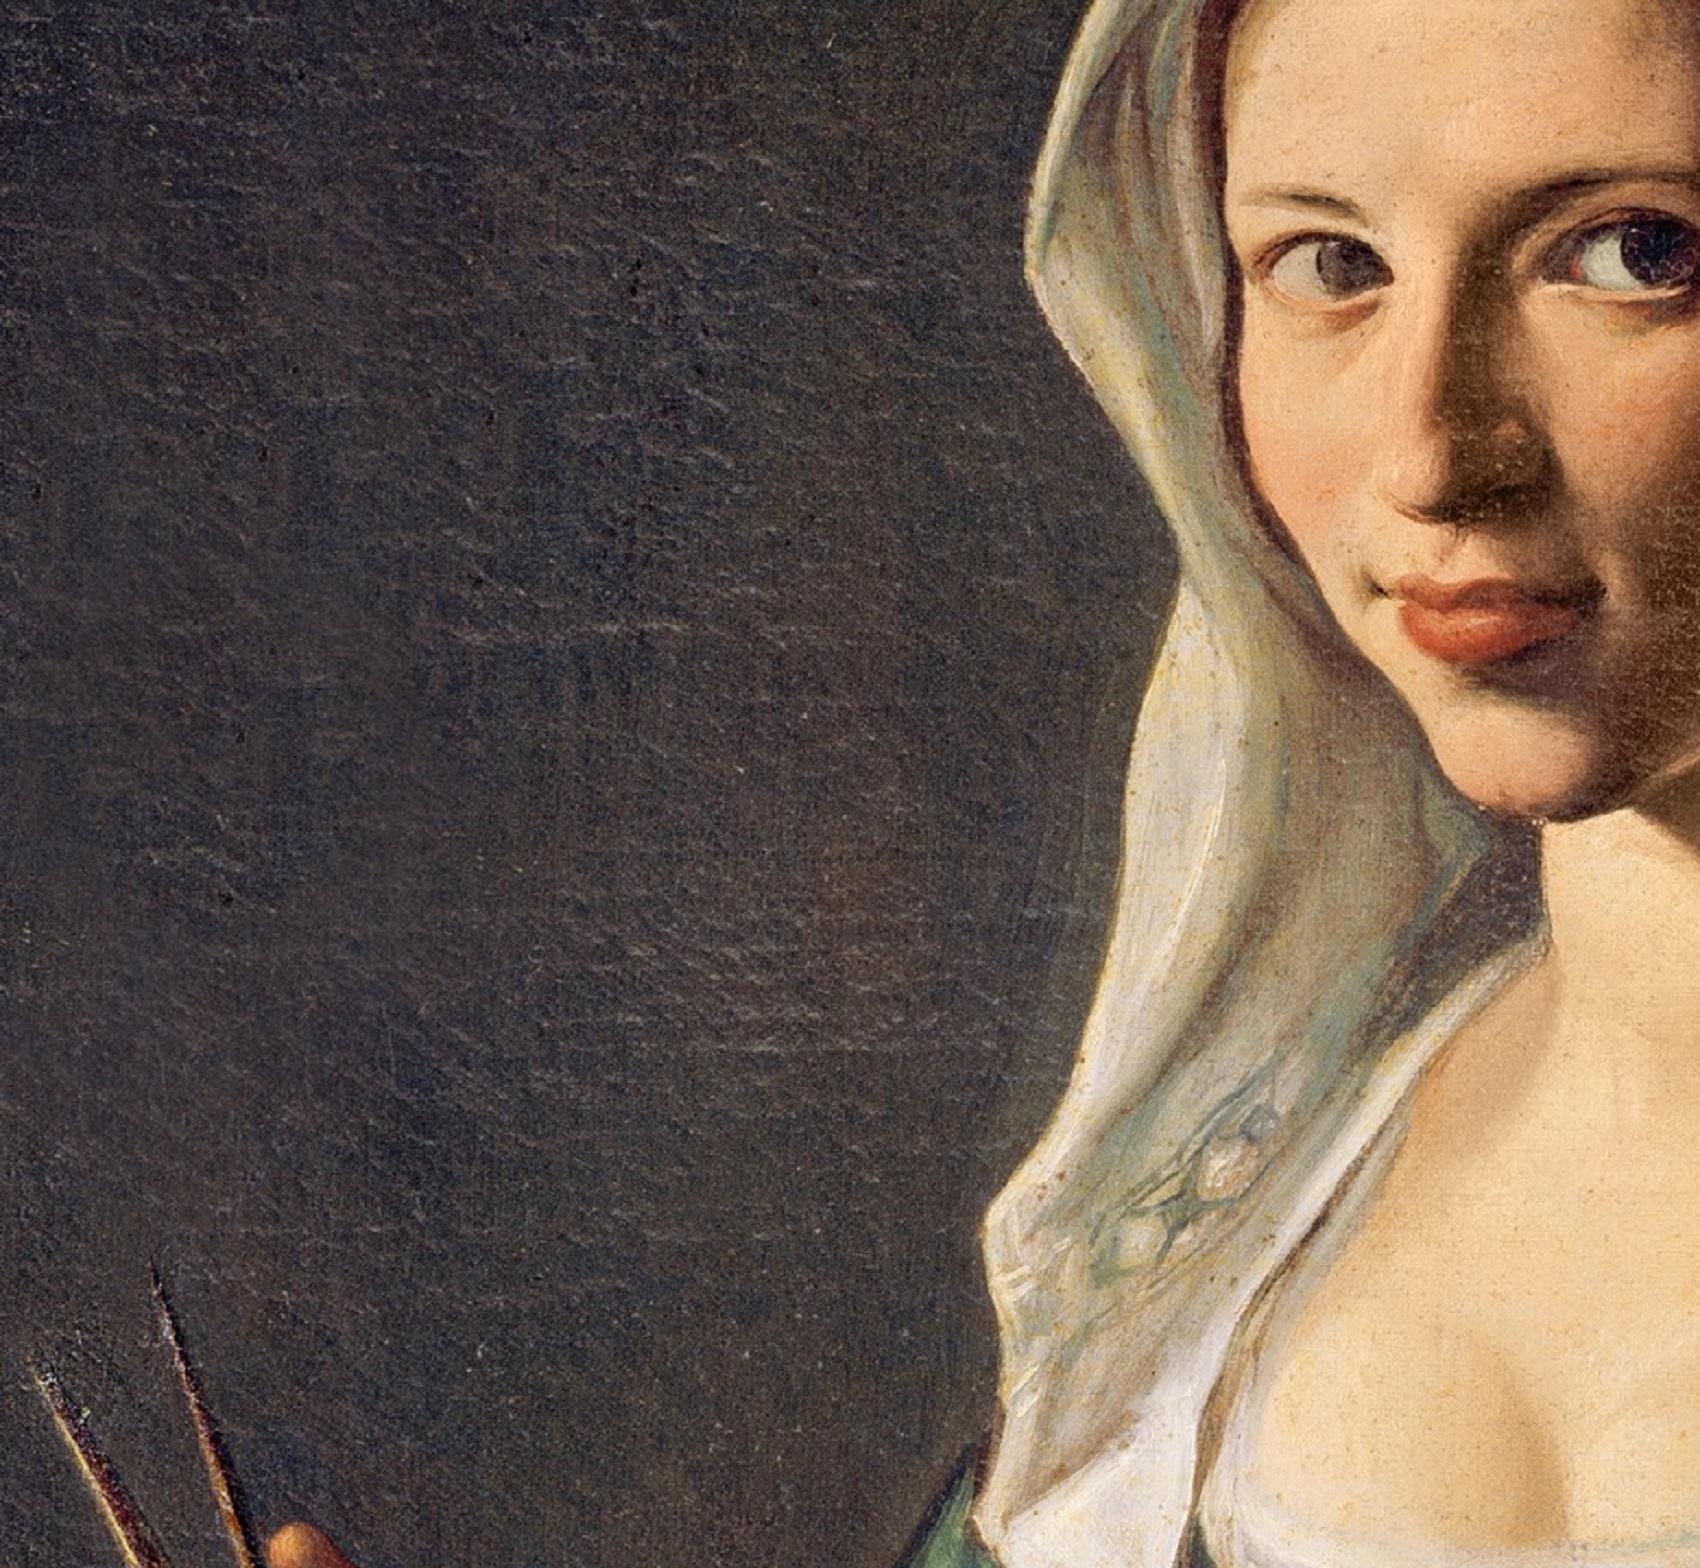 Storia di una donna libera. Plautilla, la prima architettrice della storia moderna